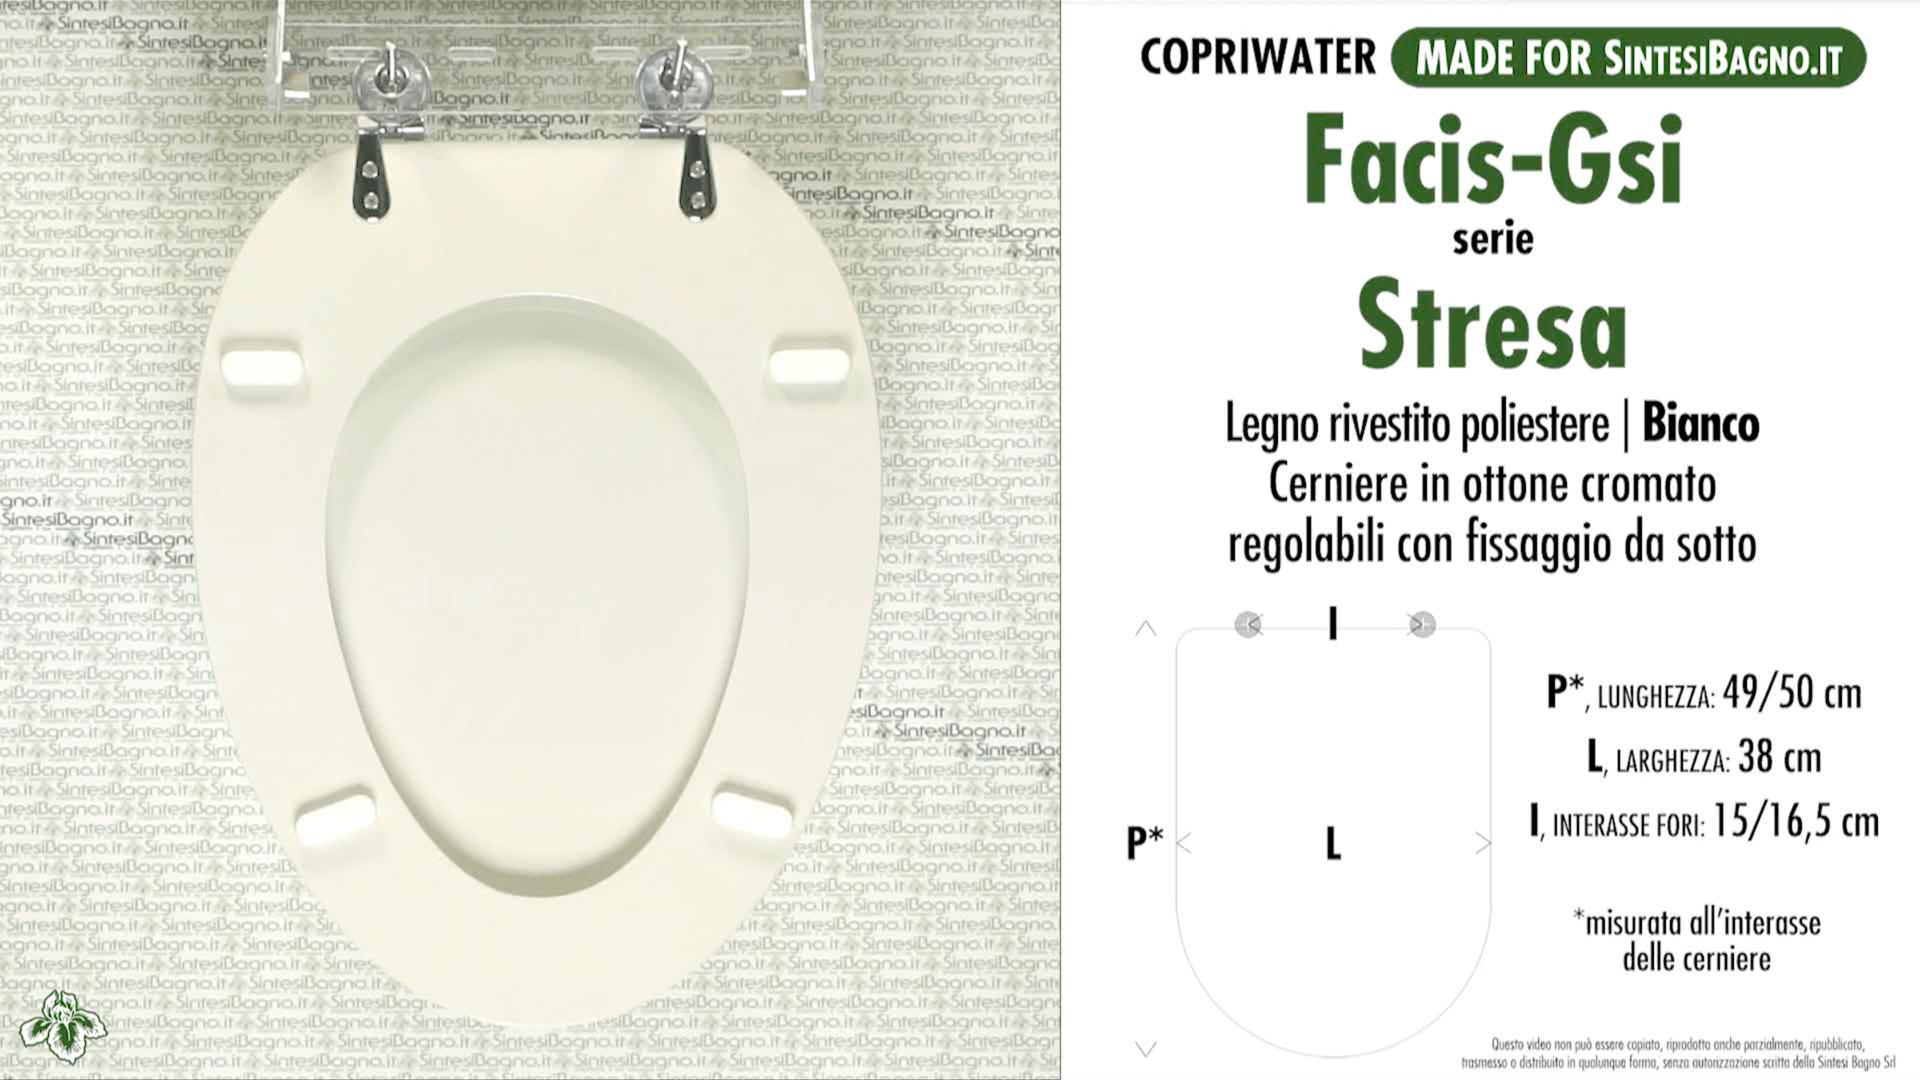 SCHEDA TECNICA MISURE copriwater FACIS/GSI STRESA